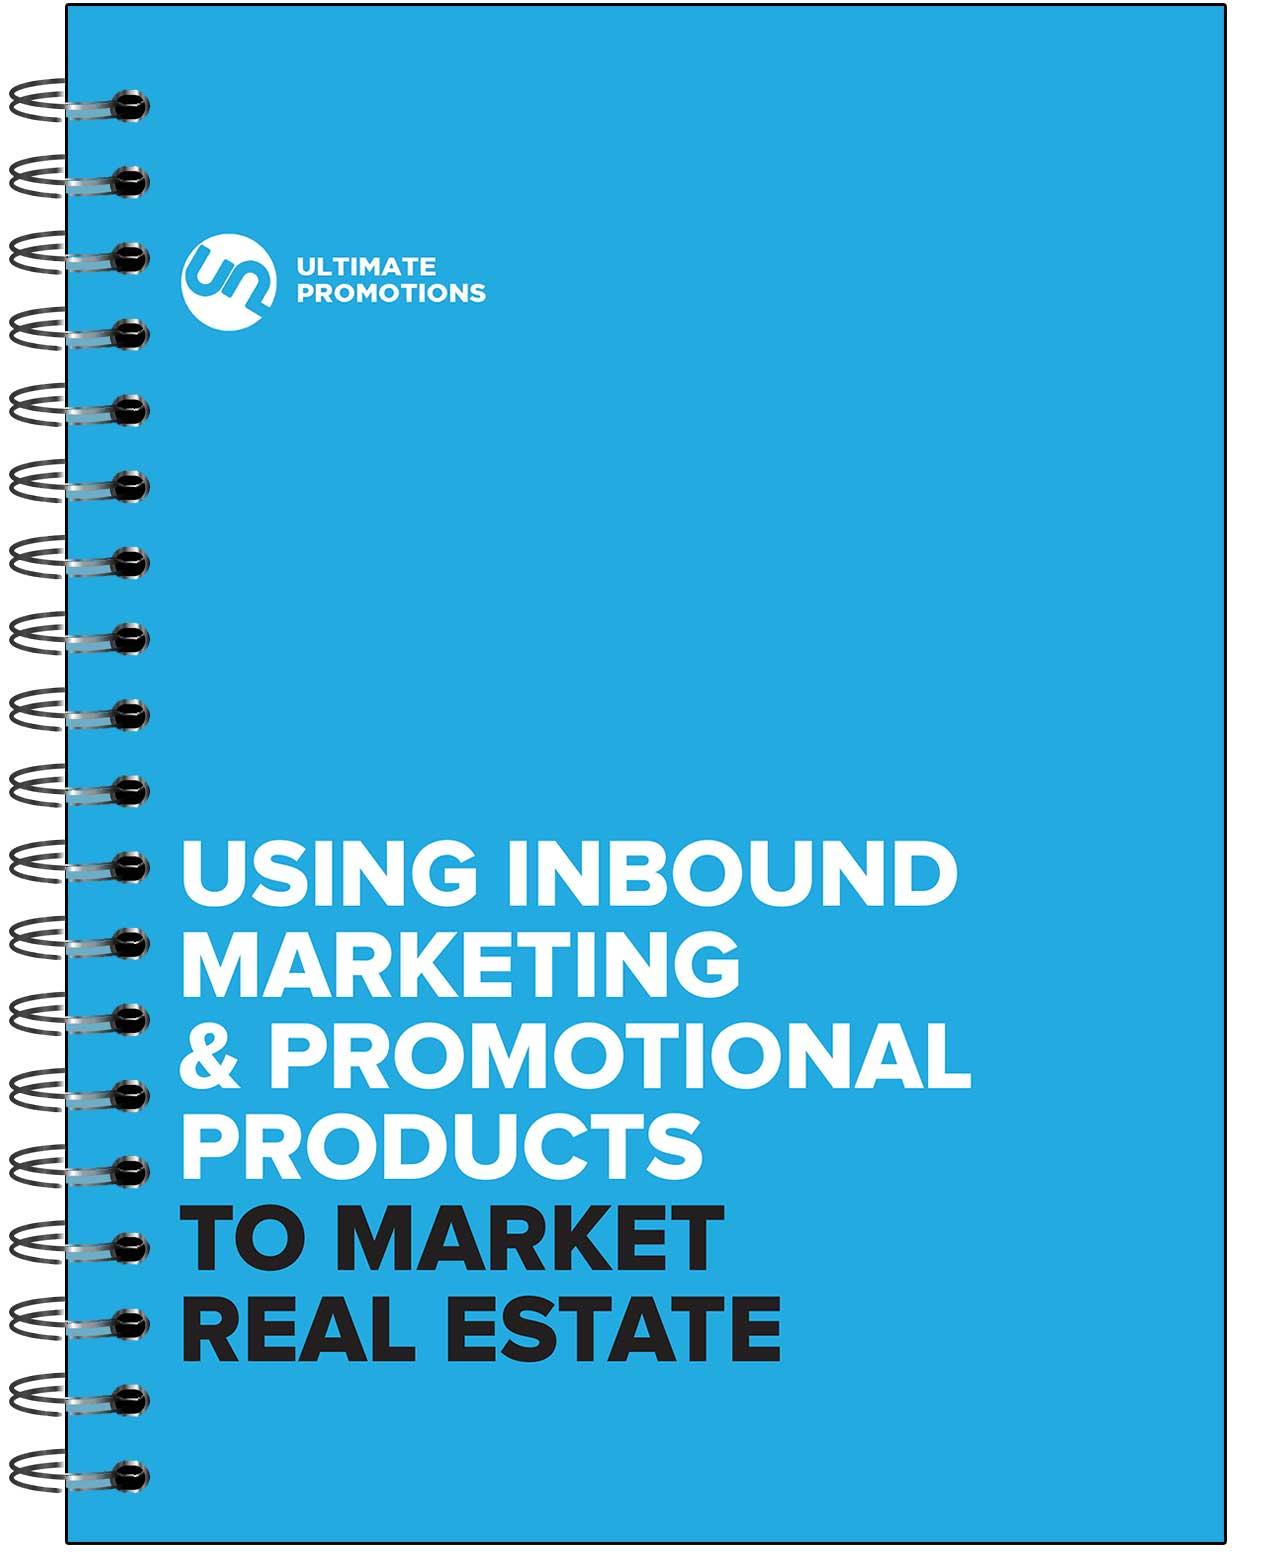 realtor-branding-ideas-cover.jpg